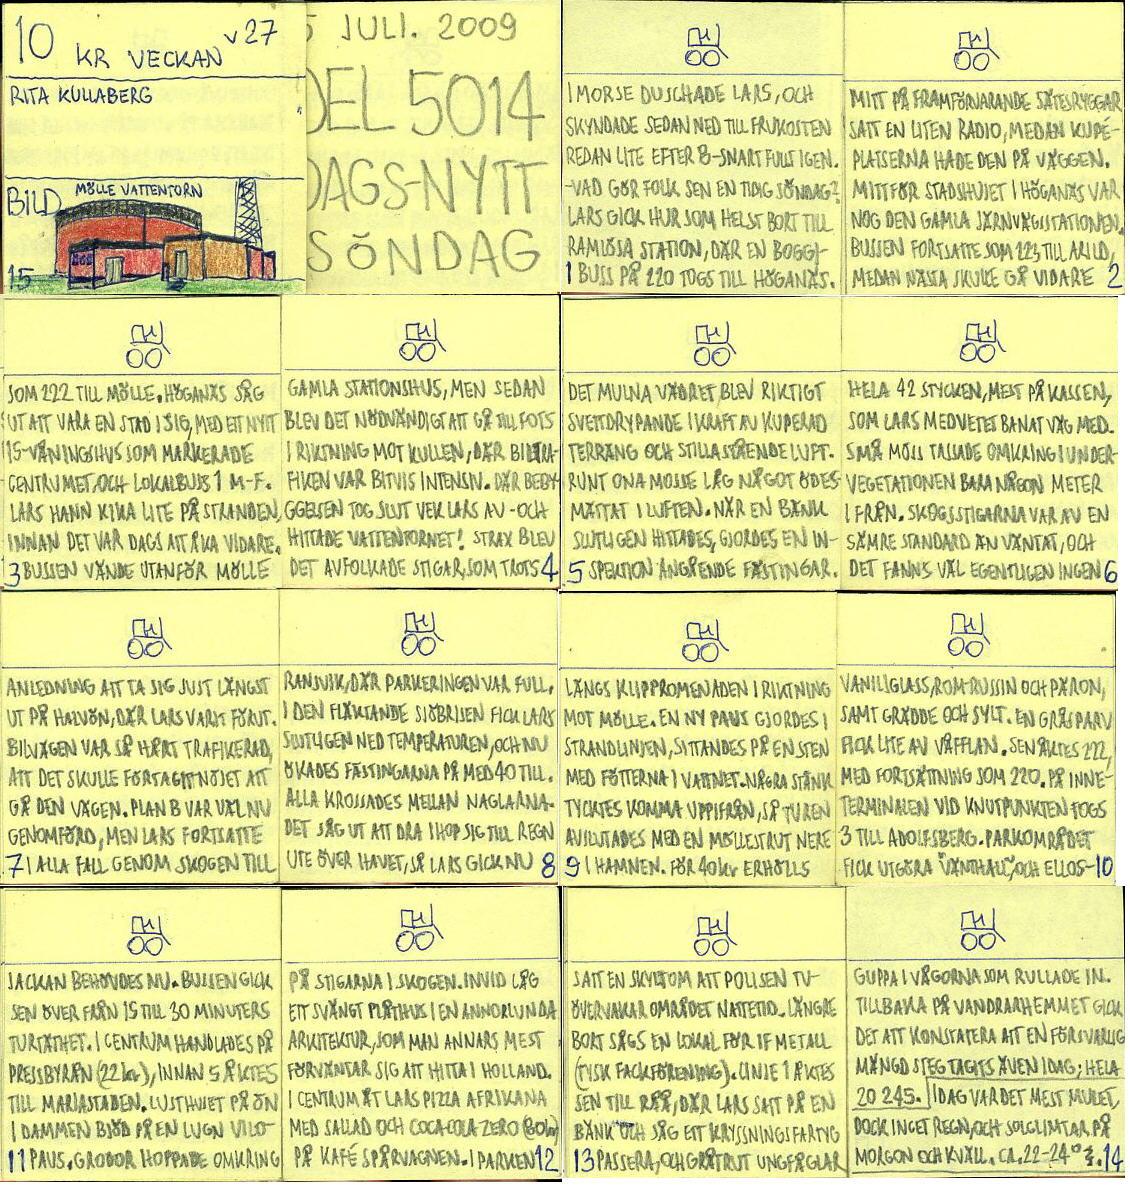 Dags-Nytt 5 juli 2009